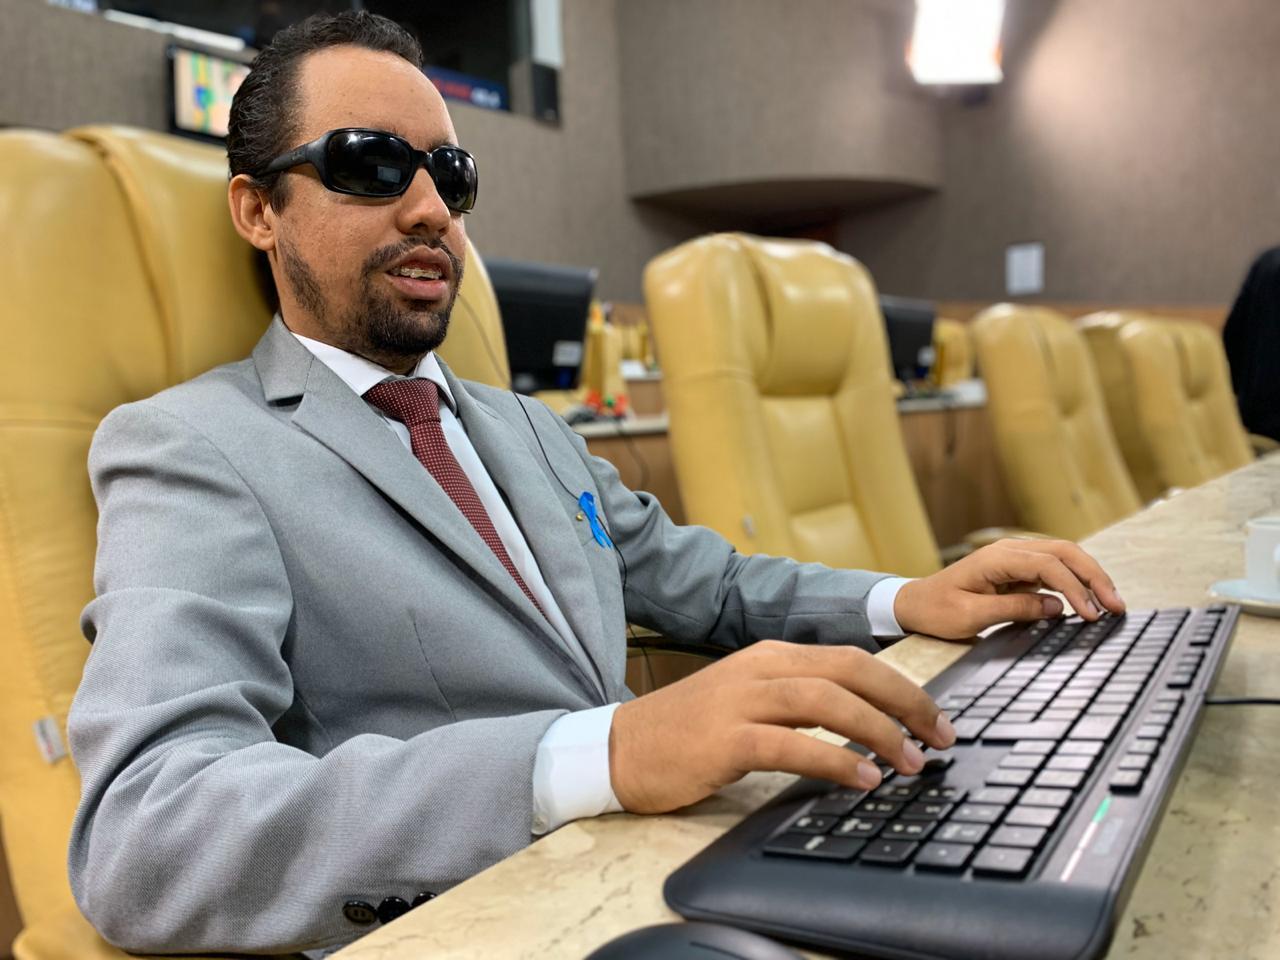 #PraTodoMundoVer Lucas sentado no plenário da Câmara com as mãos sobre o teclado do computador